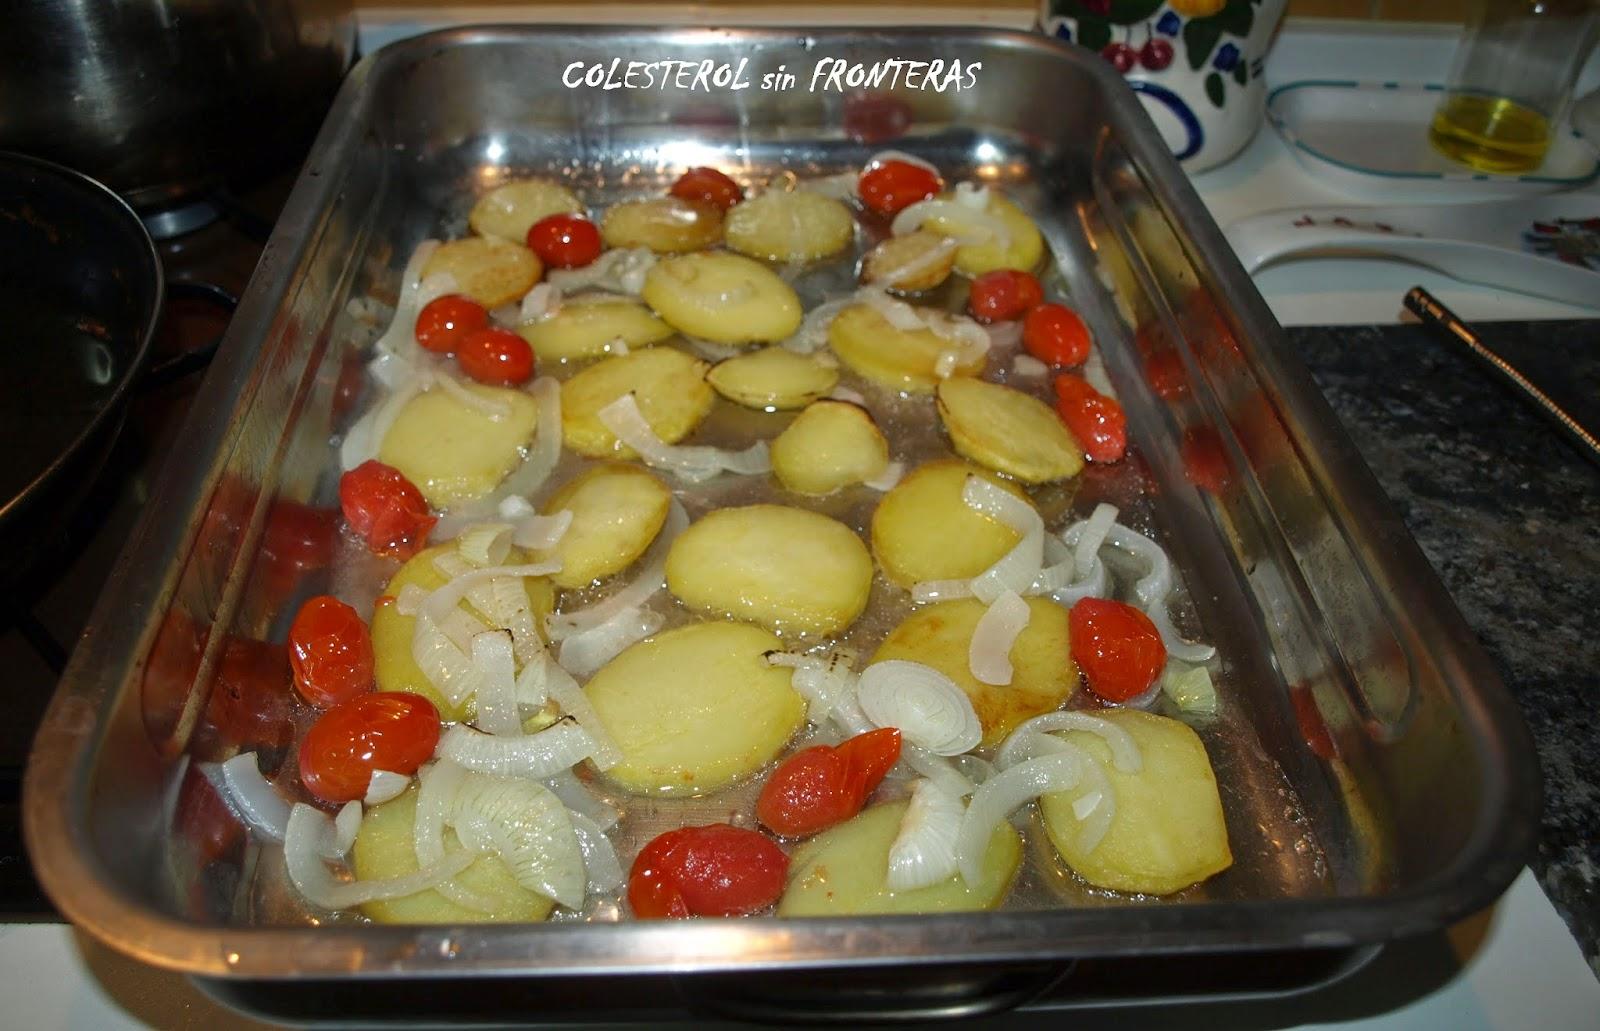 Colesterol sin fronteras rodaballo al horno - Como preparar rodaballo al horno ...